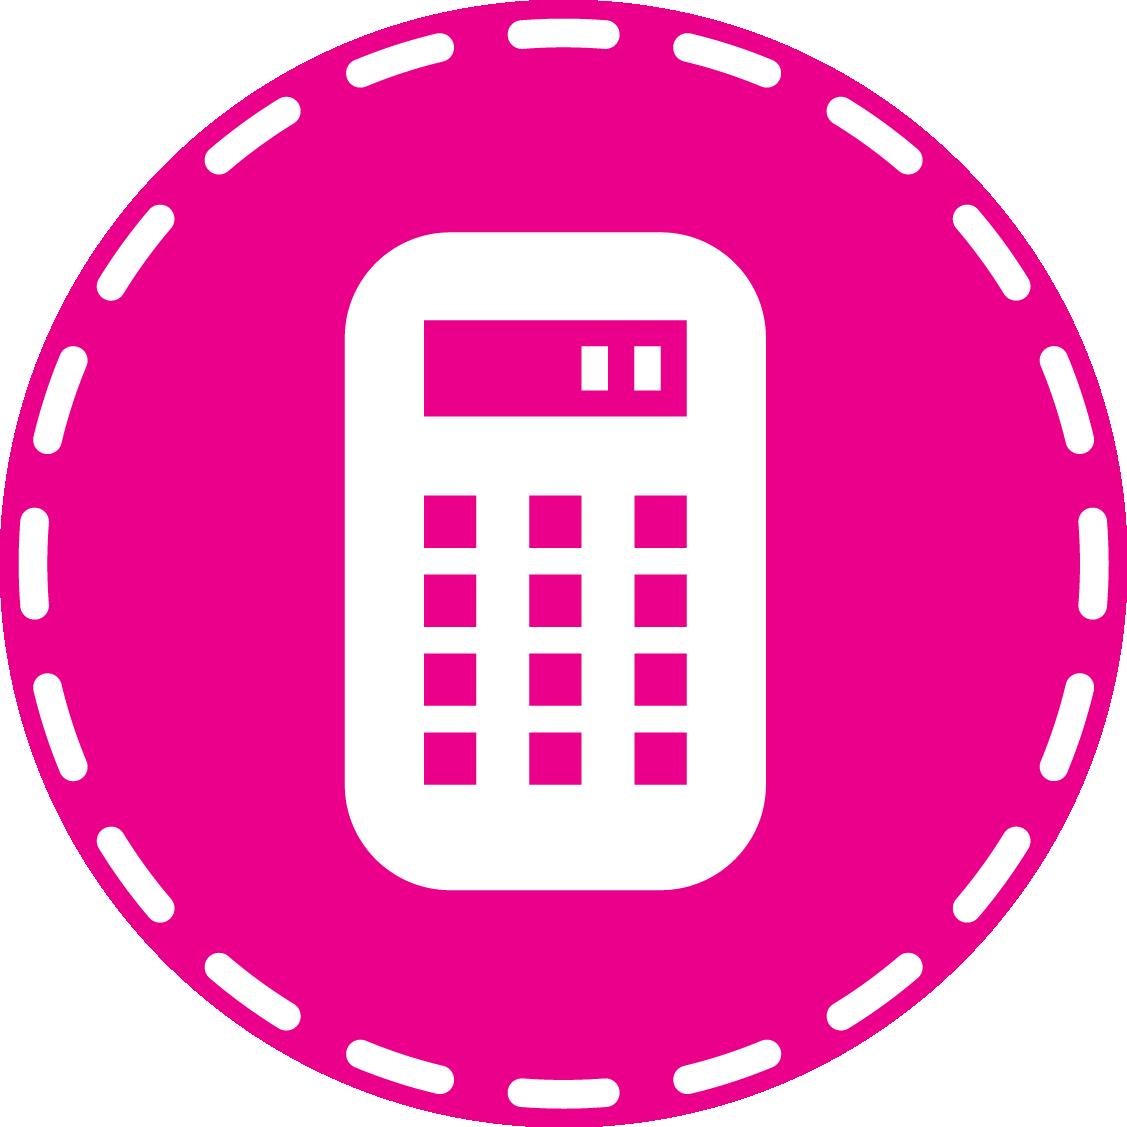 Mathematics . Cube clipart math counter